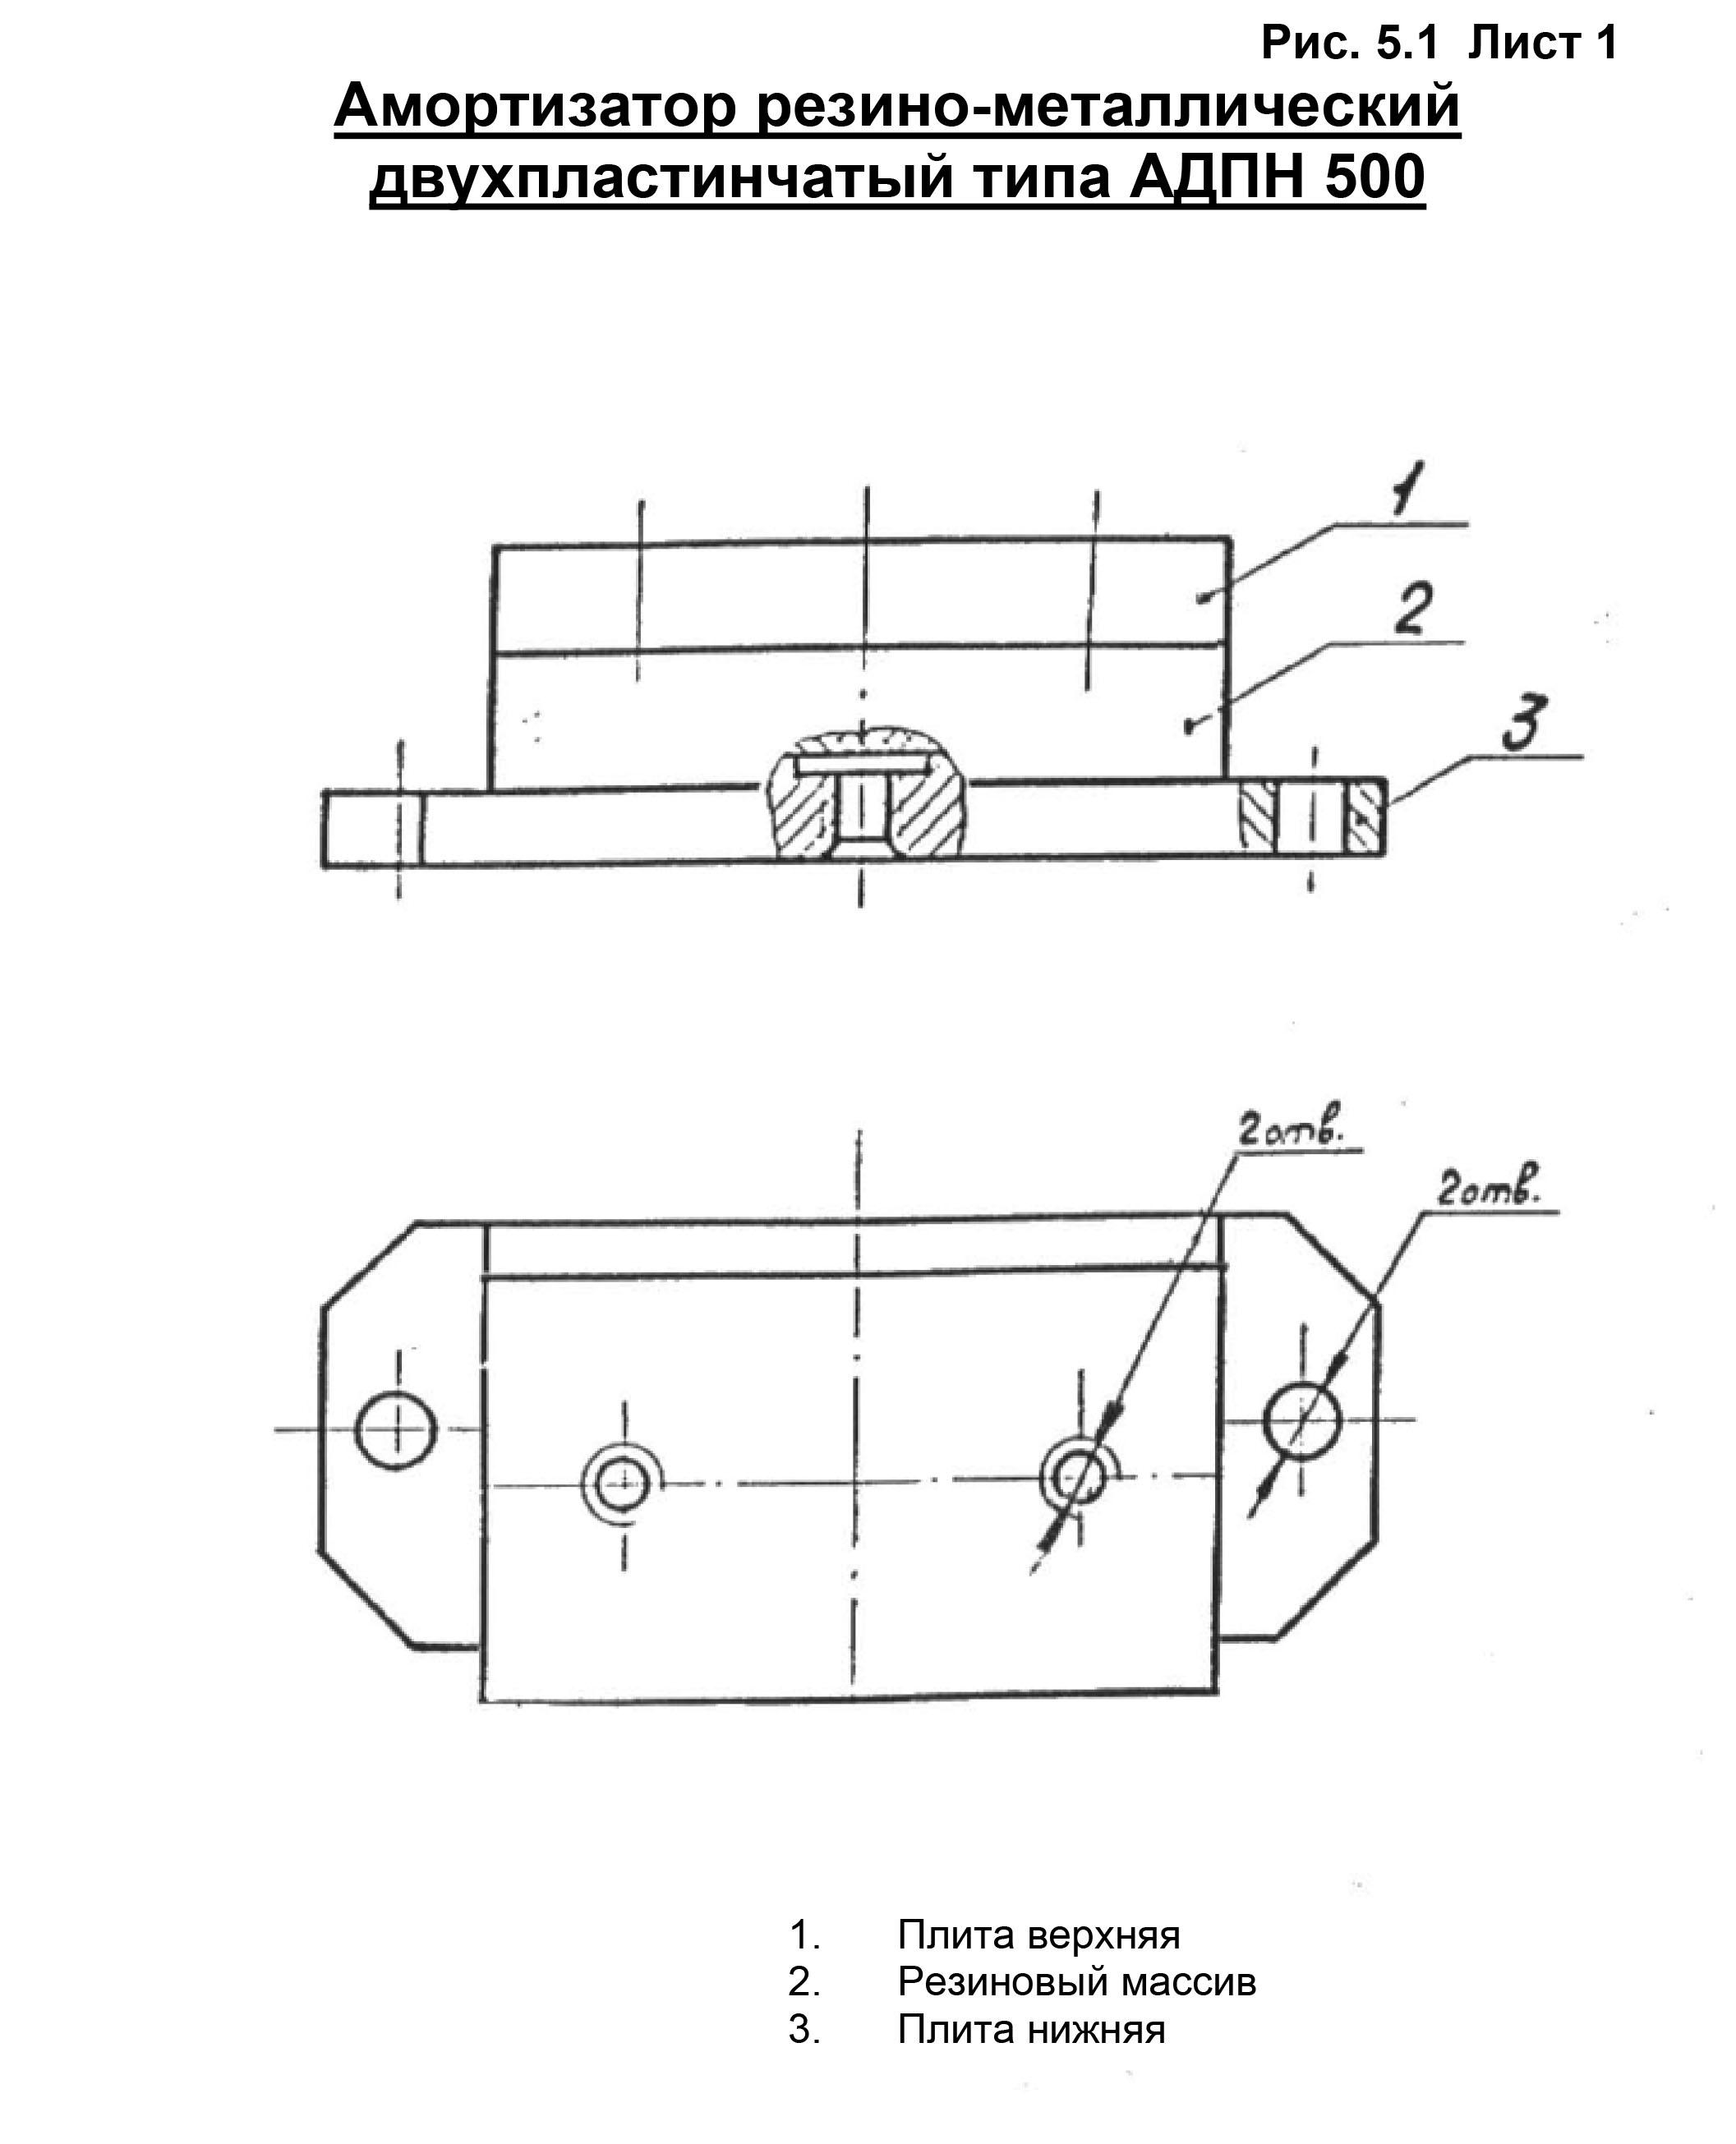 Амортизатор АДПН-500